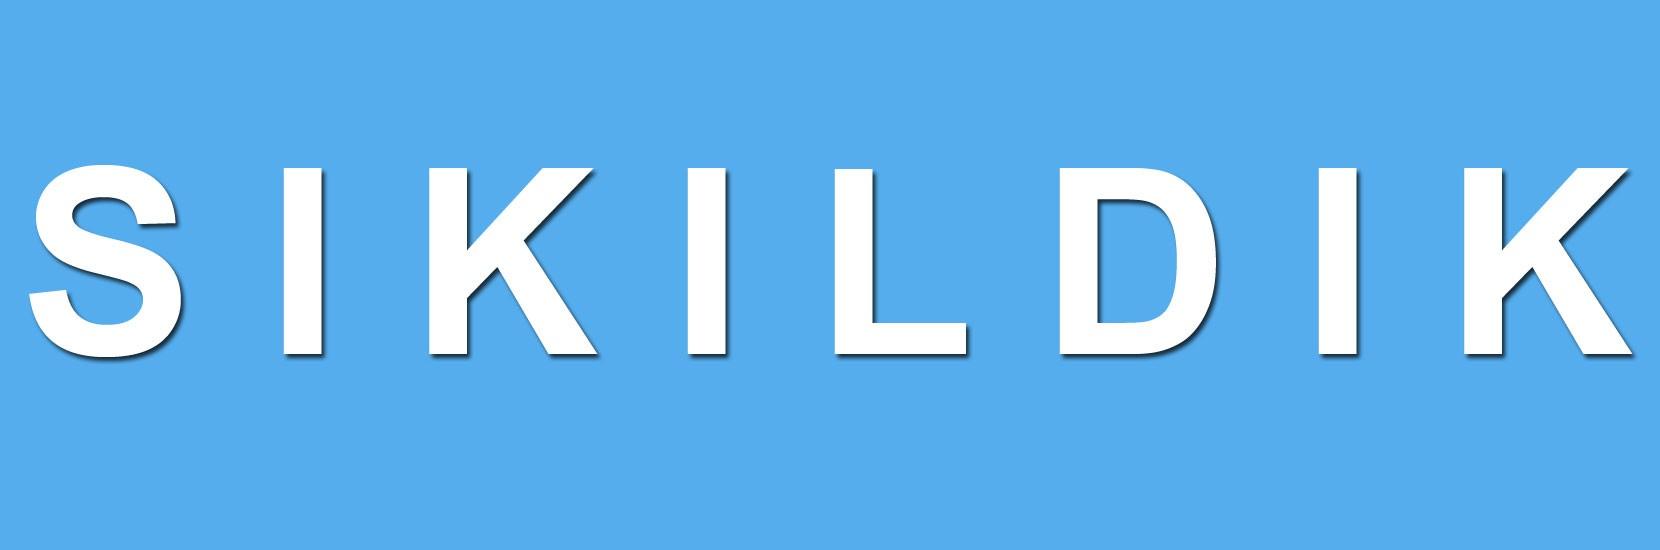 Seçim Günlüğü (11 Mayıs 2018) - S I K I L D I K